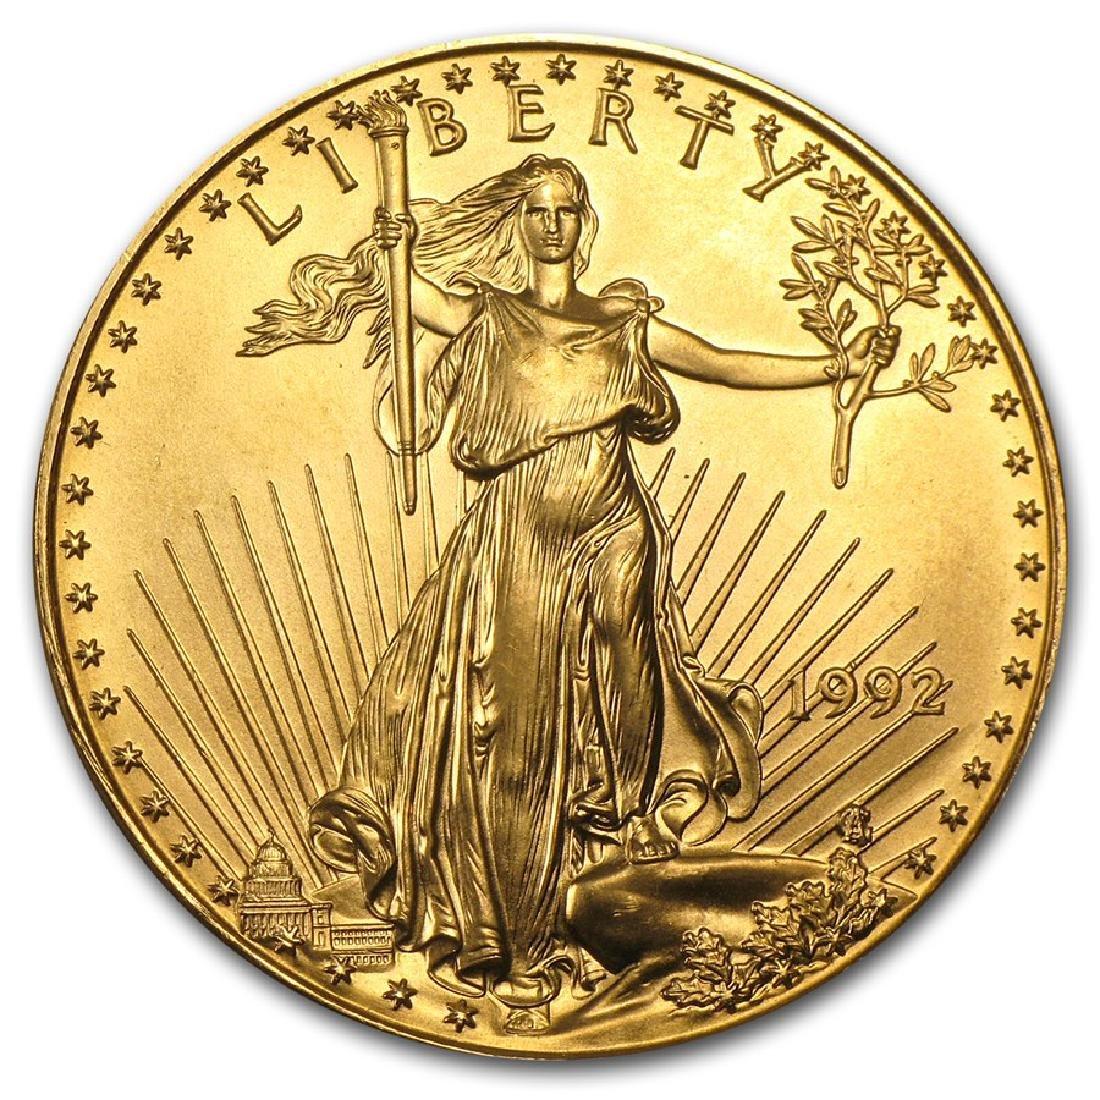 1992 $50 American Eagle 1 oz Gold Coin